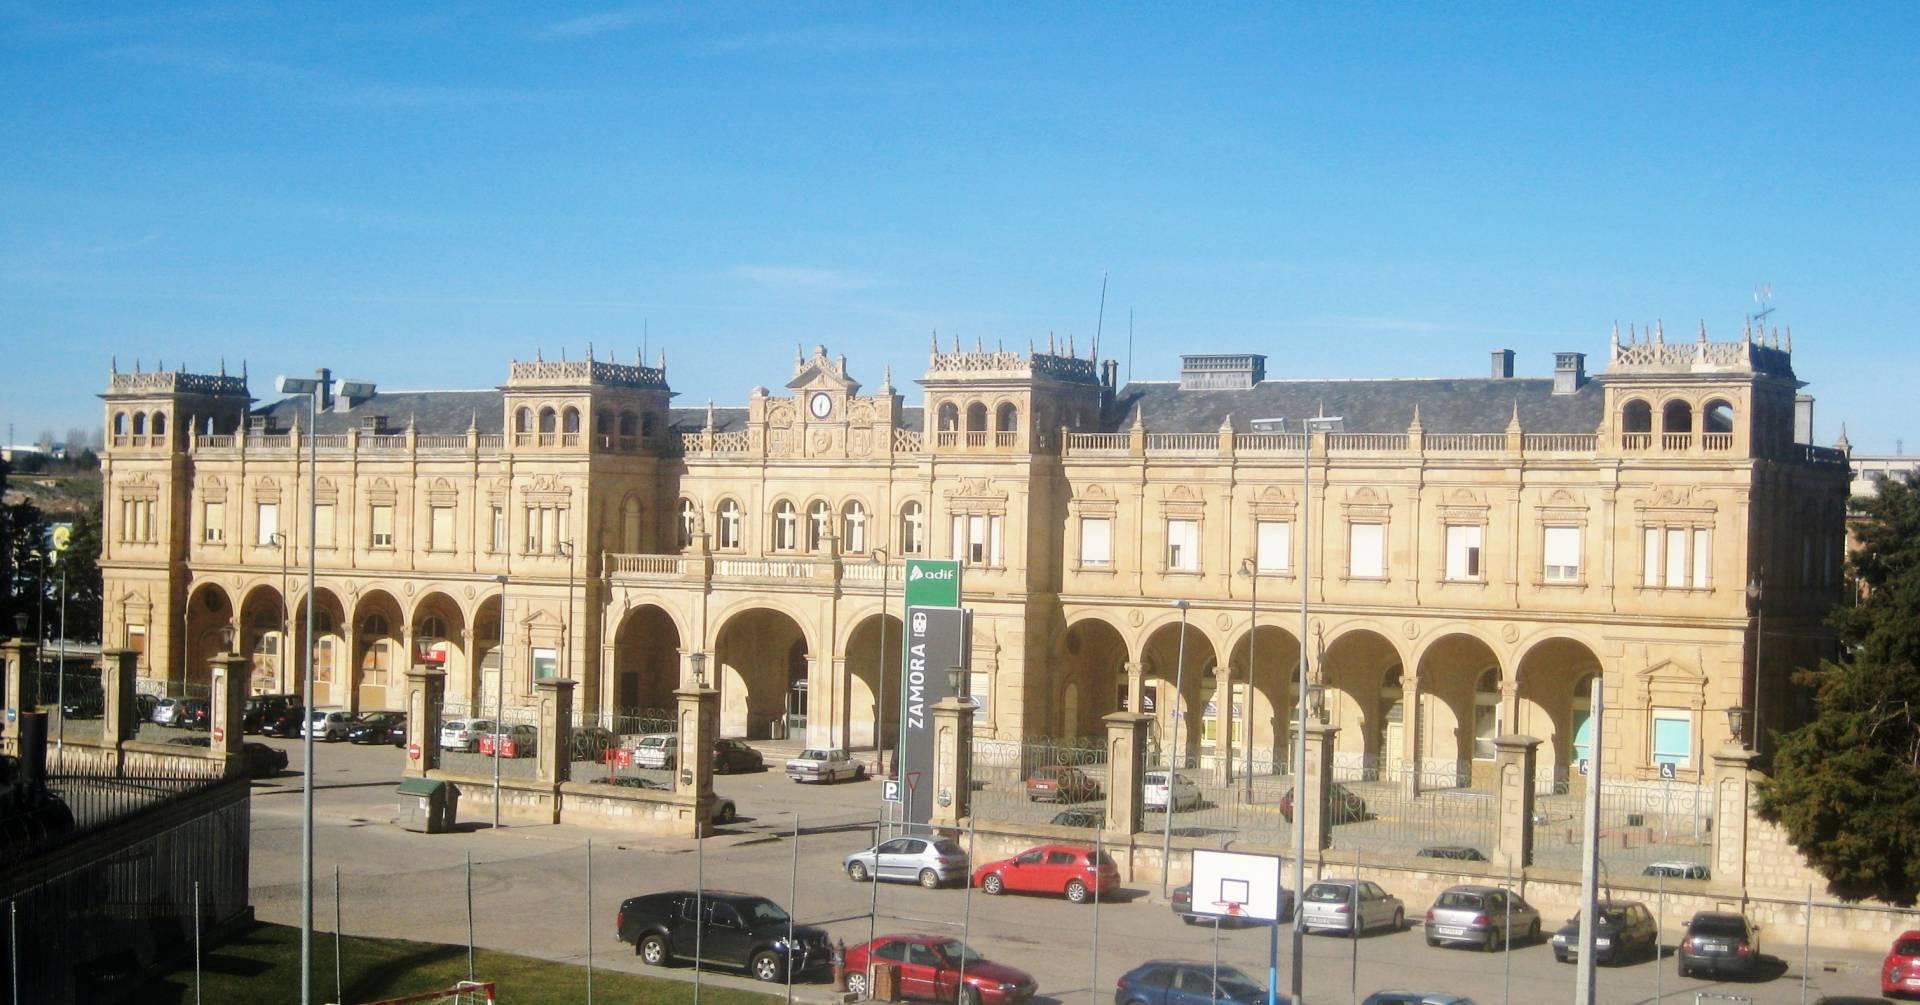 La estación de Zamora estrenará mañana el nuevo tramo de la LAV Madrid-Galicia y recibirá su primer tren eléctrico en servicio. Foto: Outsinn.